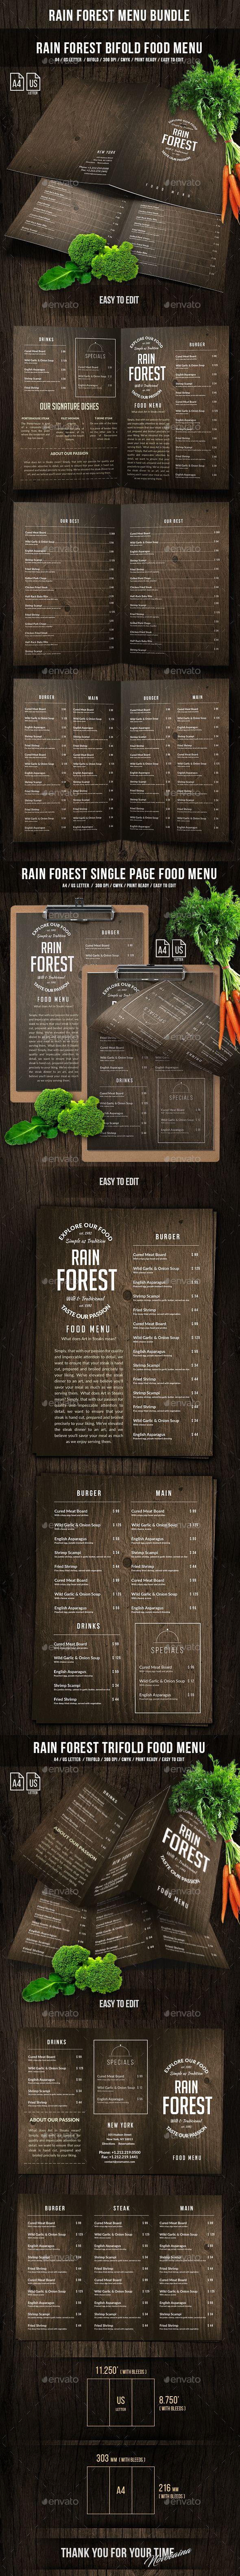 Rain Forest Menu Bundle #poster #restaurant • Download ➝ https://graphicriver.net/item/rain-forest-menu-bundle/21280902?ref=pxcr